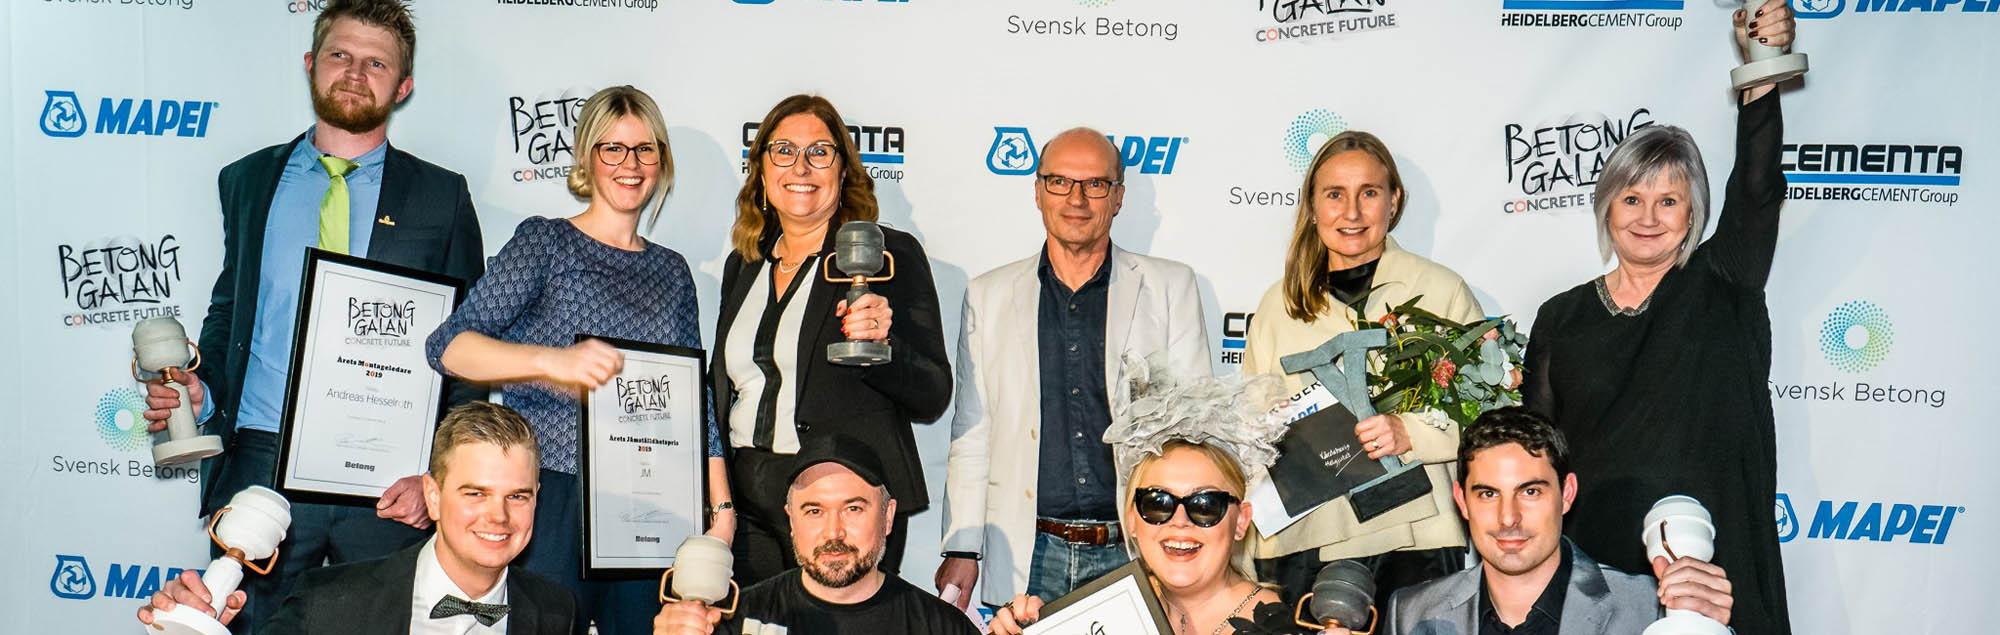 Andreas Hesselroth kåret til Årets Montageledare!